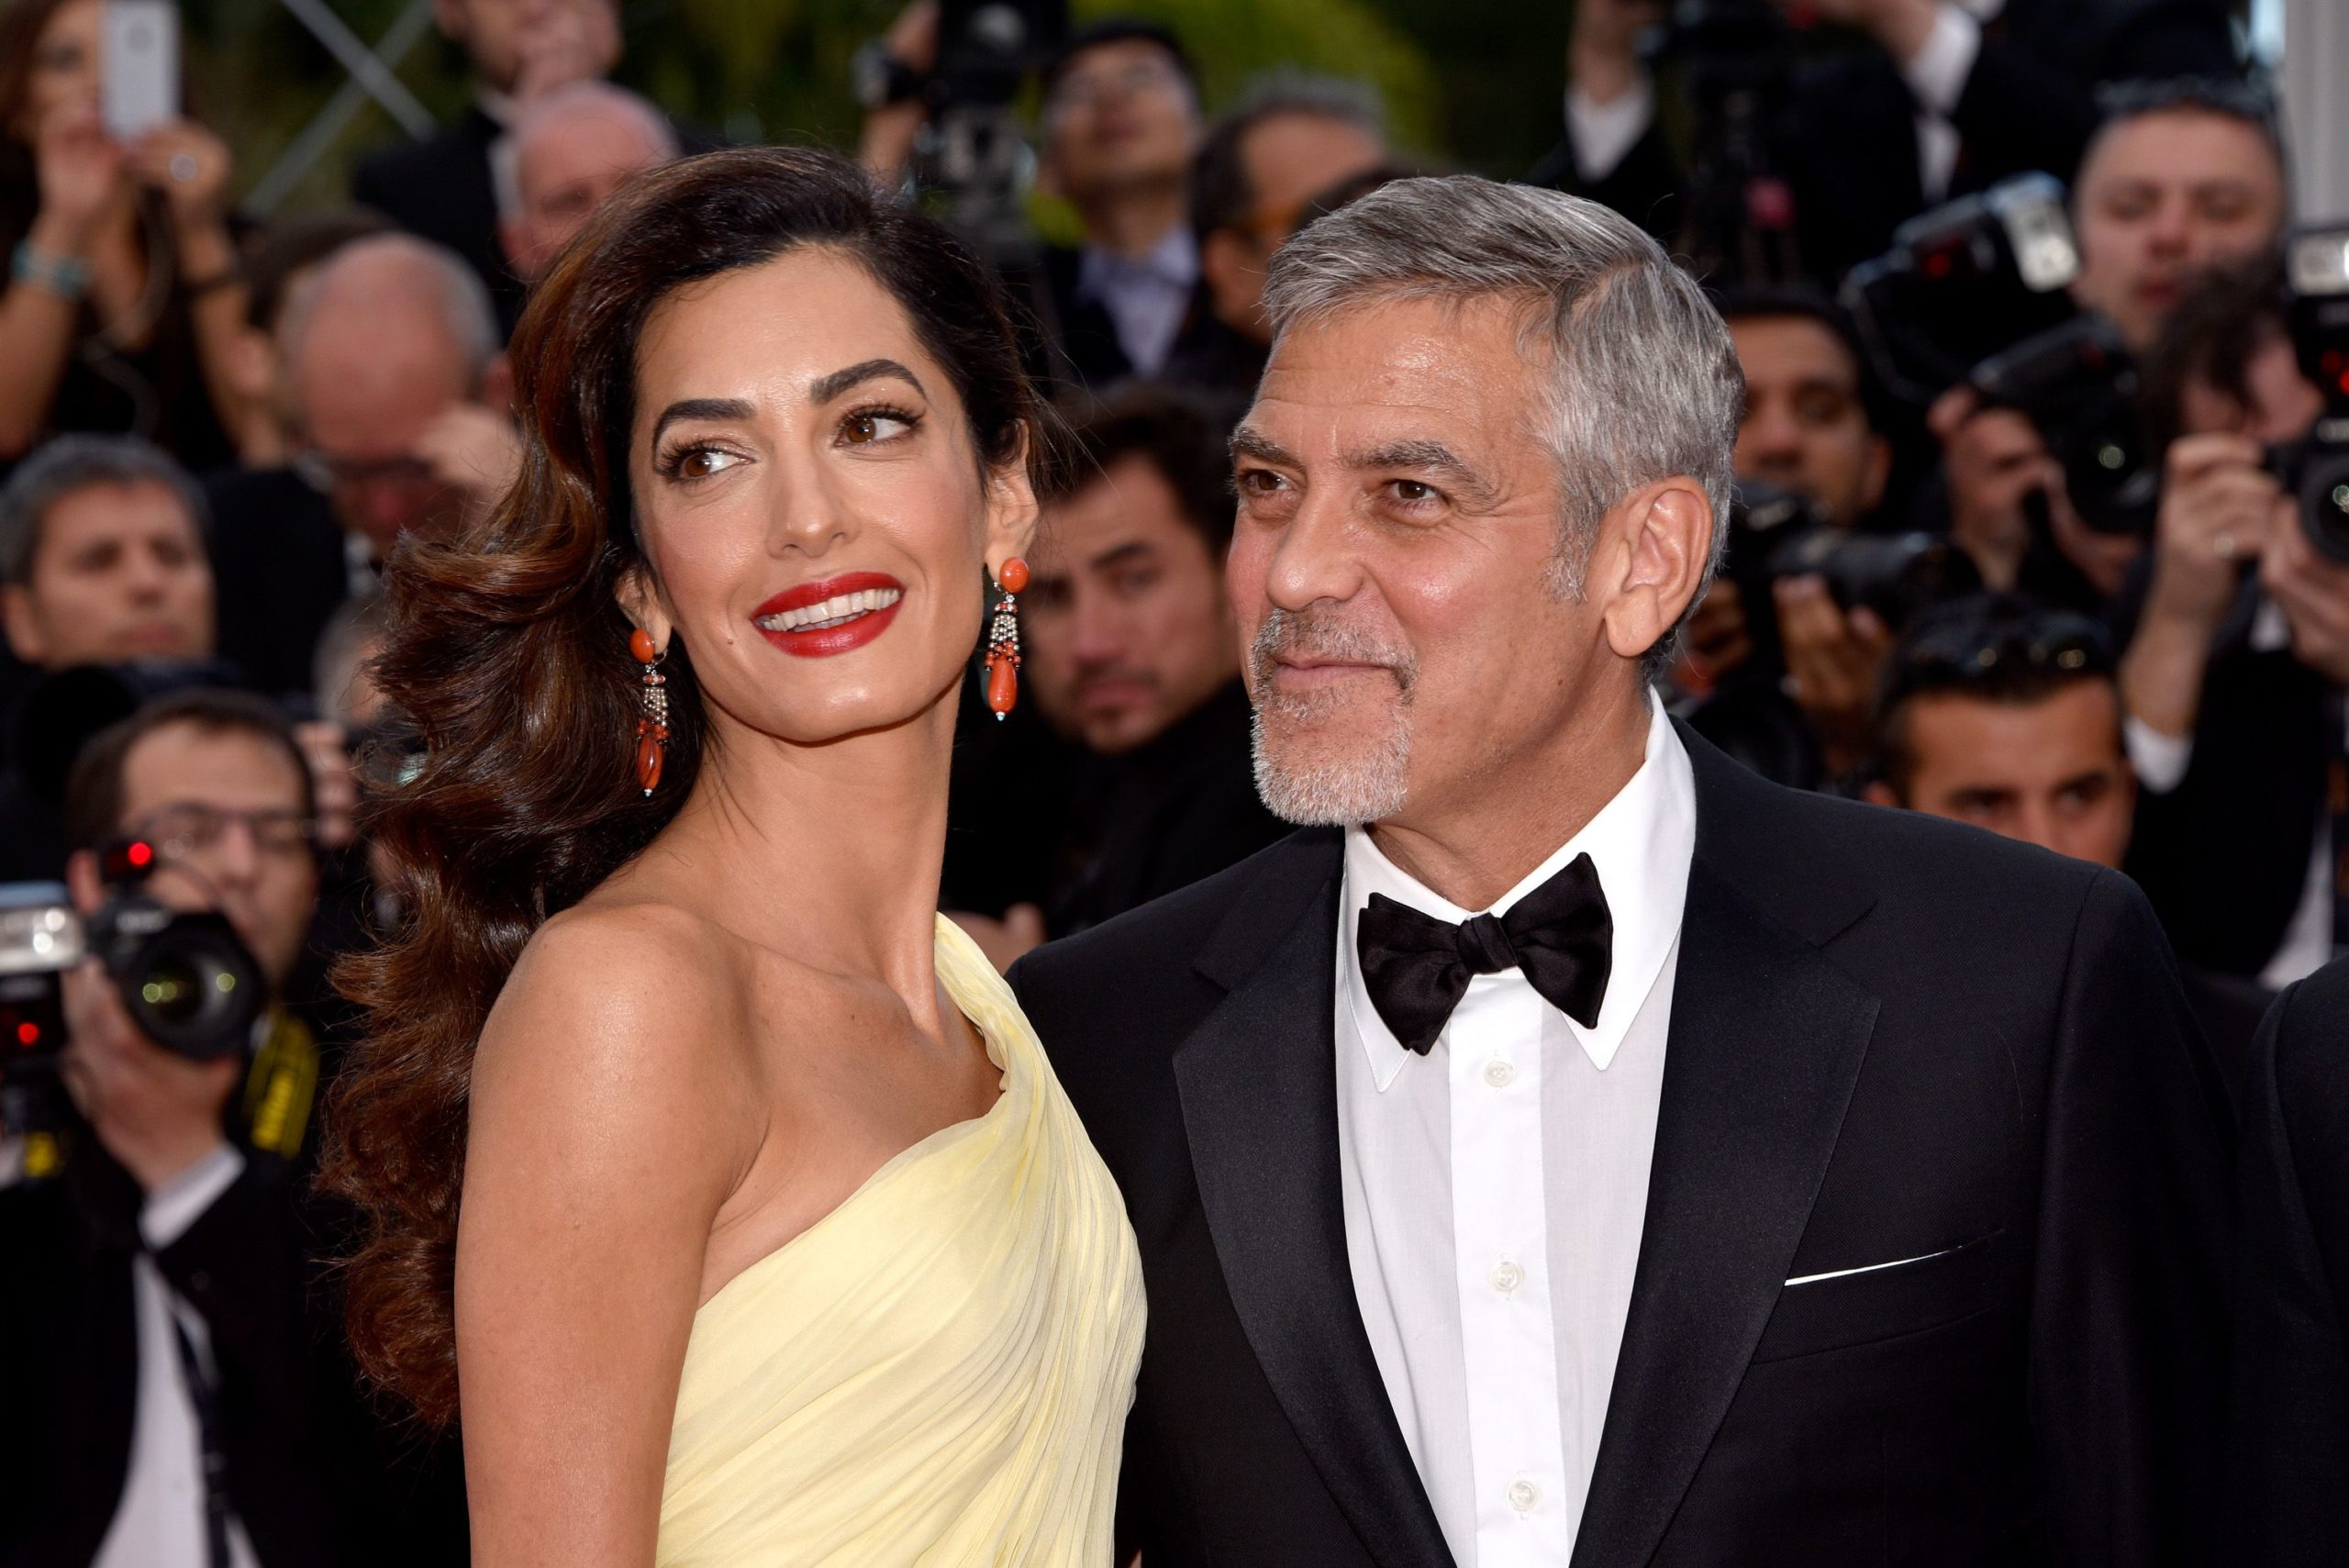 """Propozimi për Amal paska qenë një """"torturë"""", George Clooney rrëfen detajin interesant"""